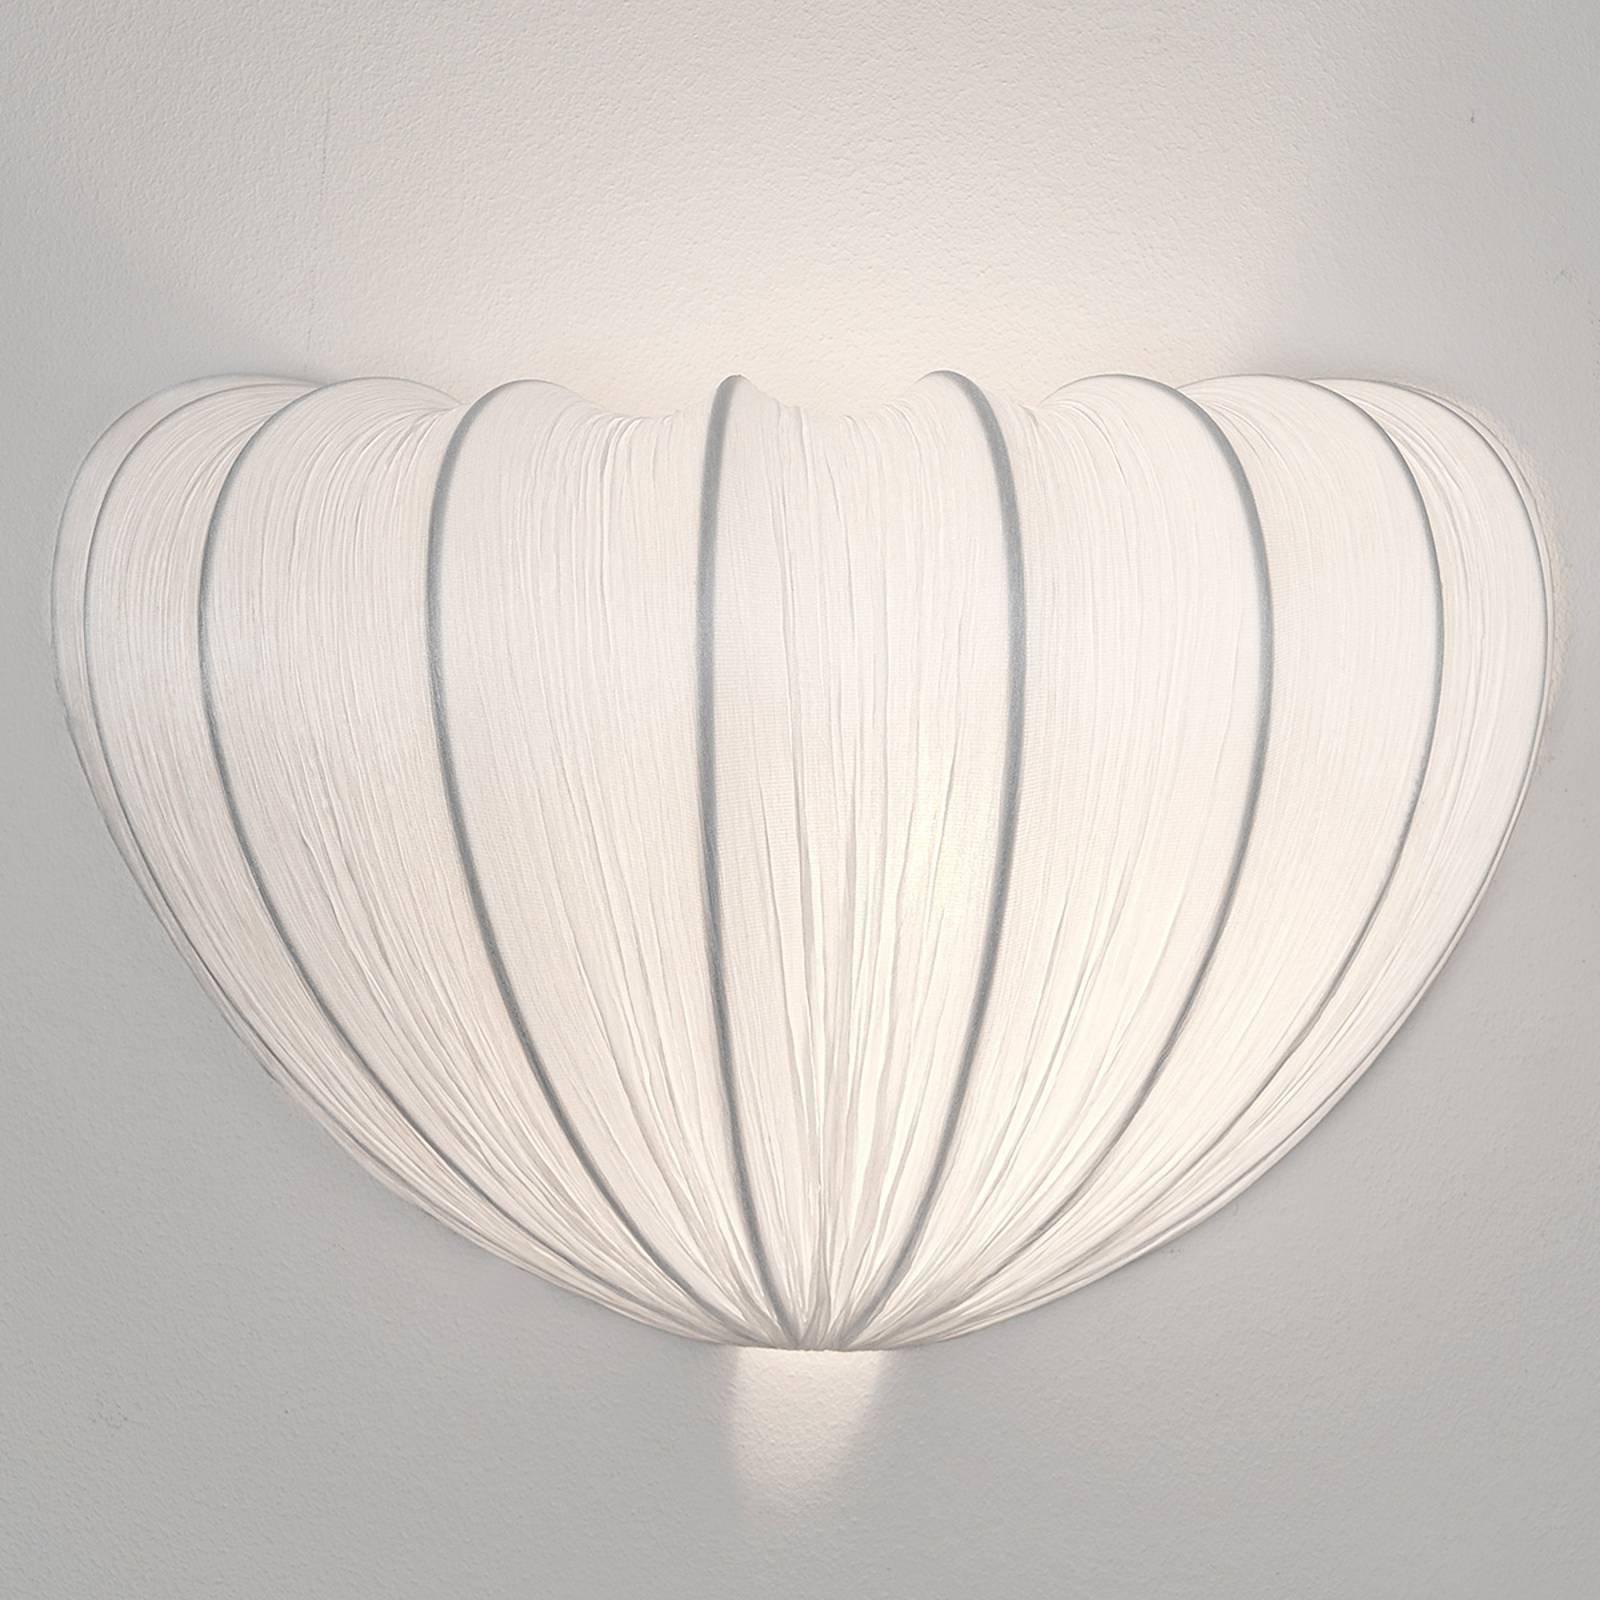 Vegglampe Sultano av tekstil